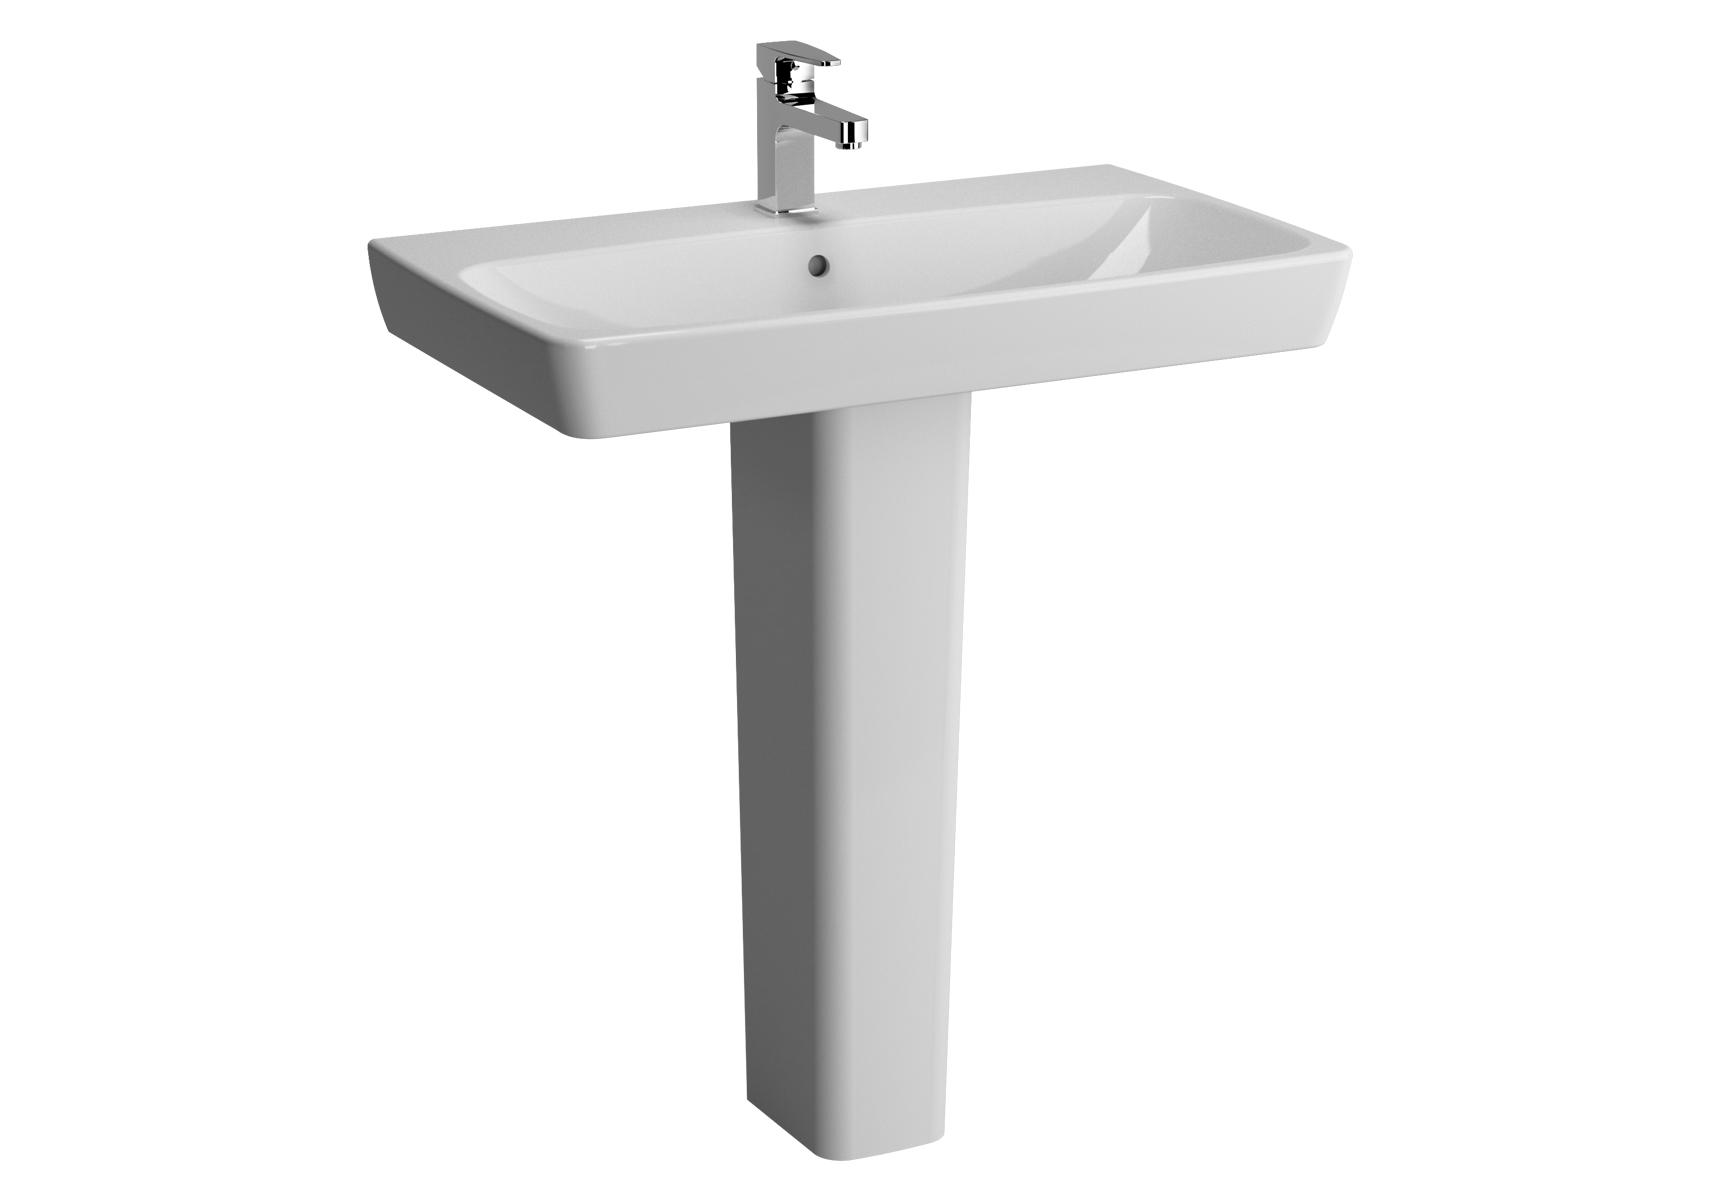 Metropole lavabo, 80 cm, 1 trou de robinet central, avec trop-plein